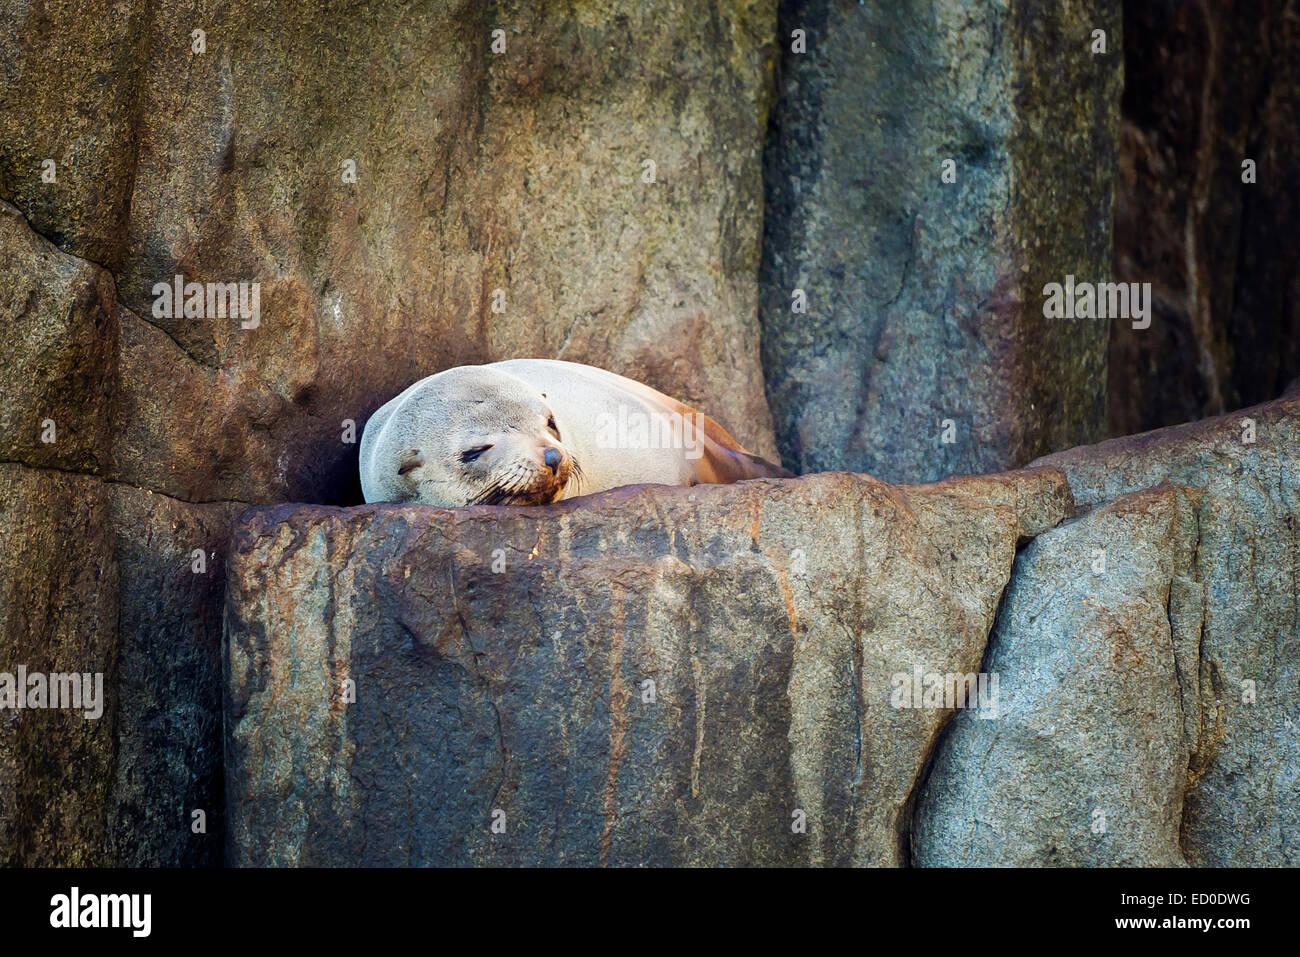 Seal sleeping on rock - Stock Image